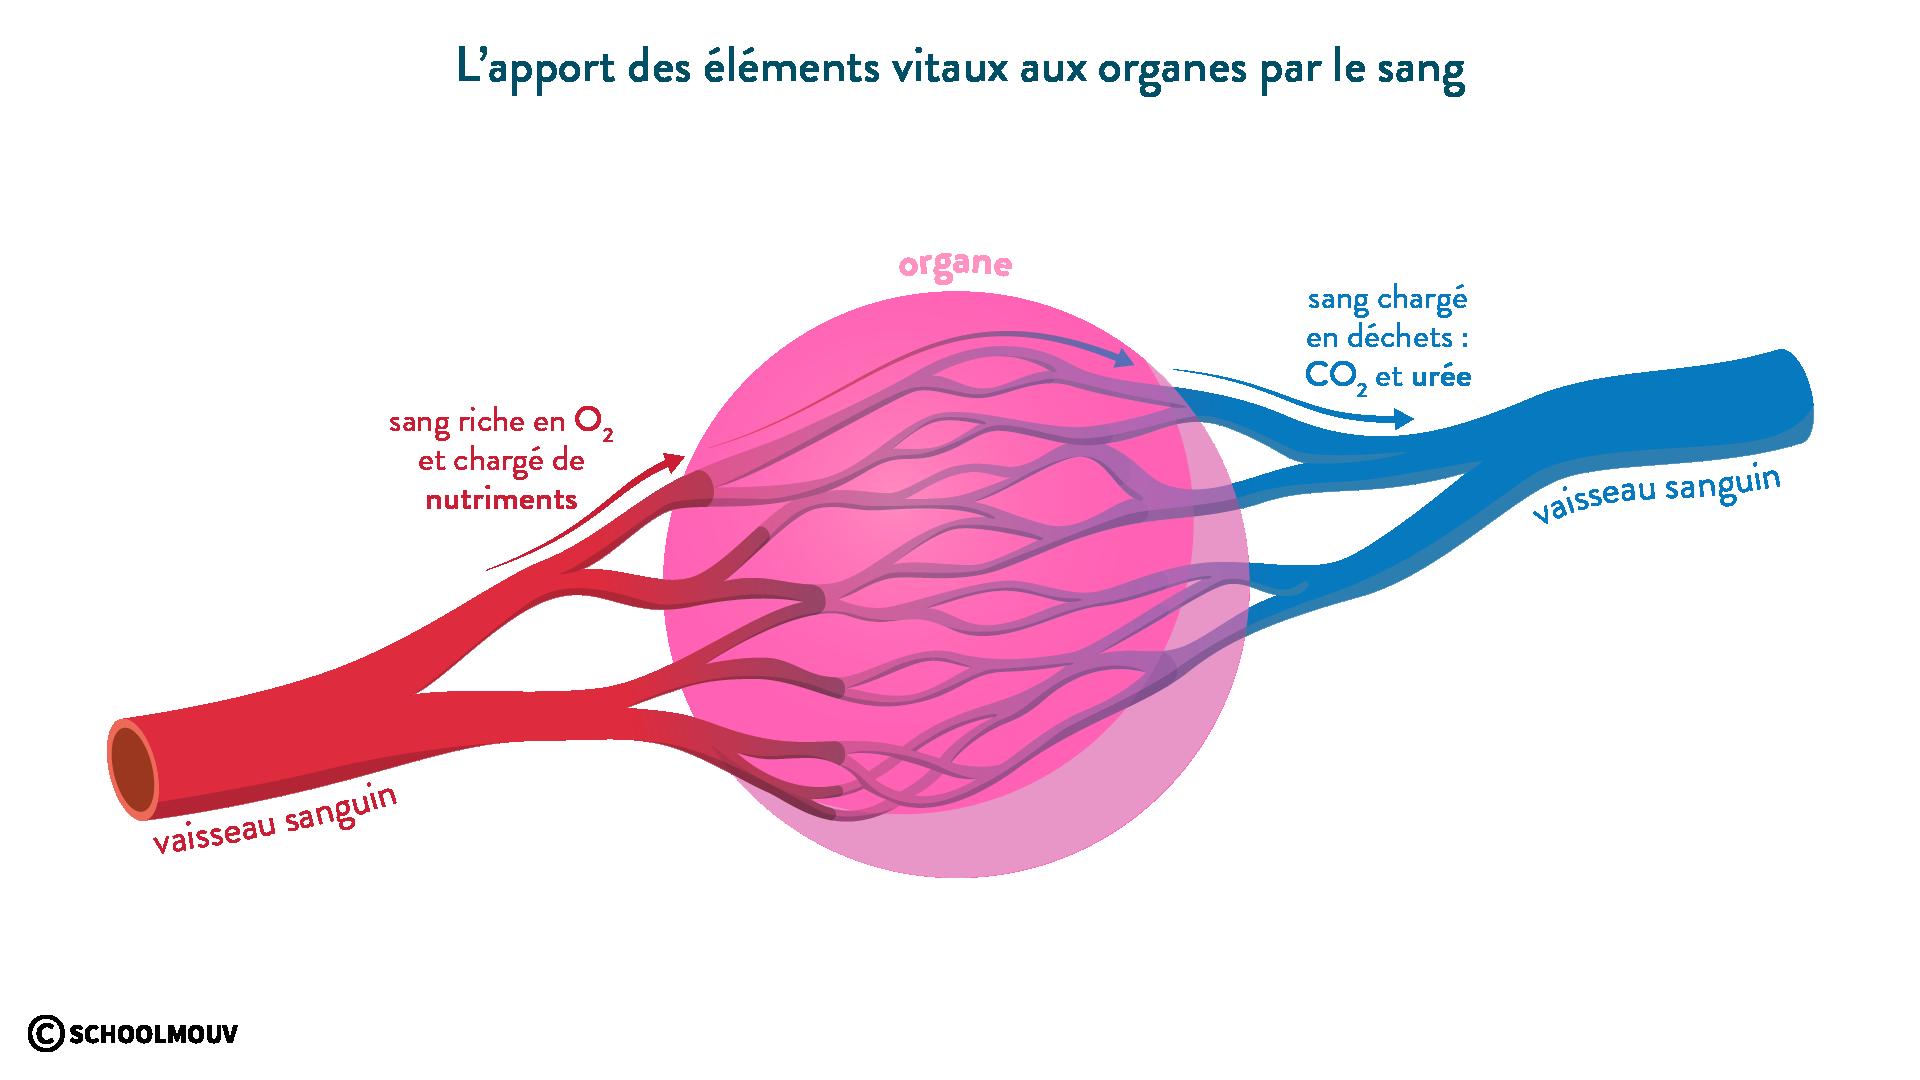 L'apport en éléments vitaux aux organes-svt-6eme-schoolmouv